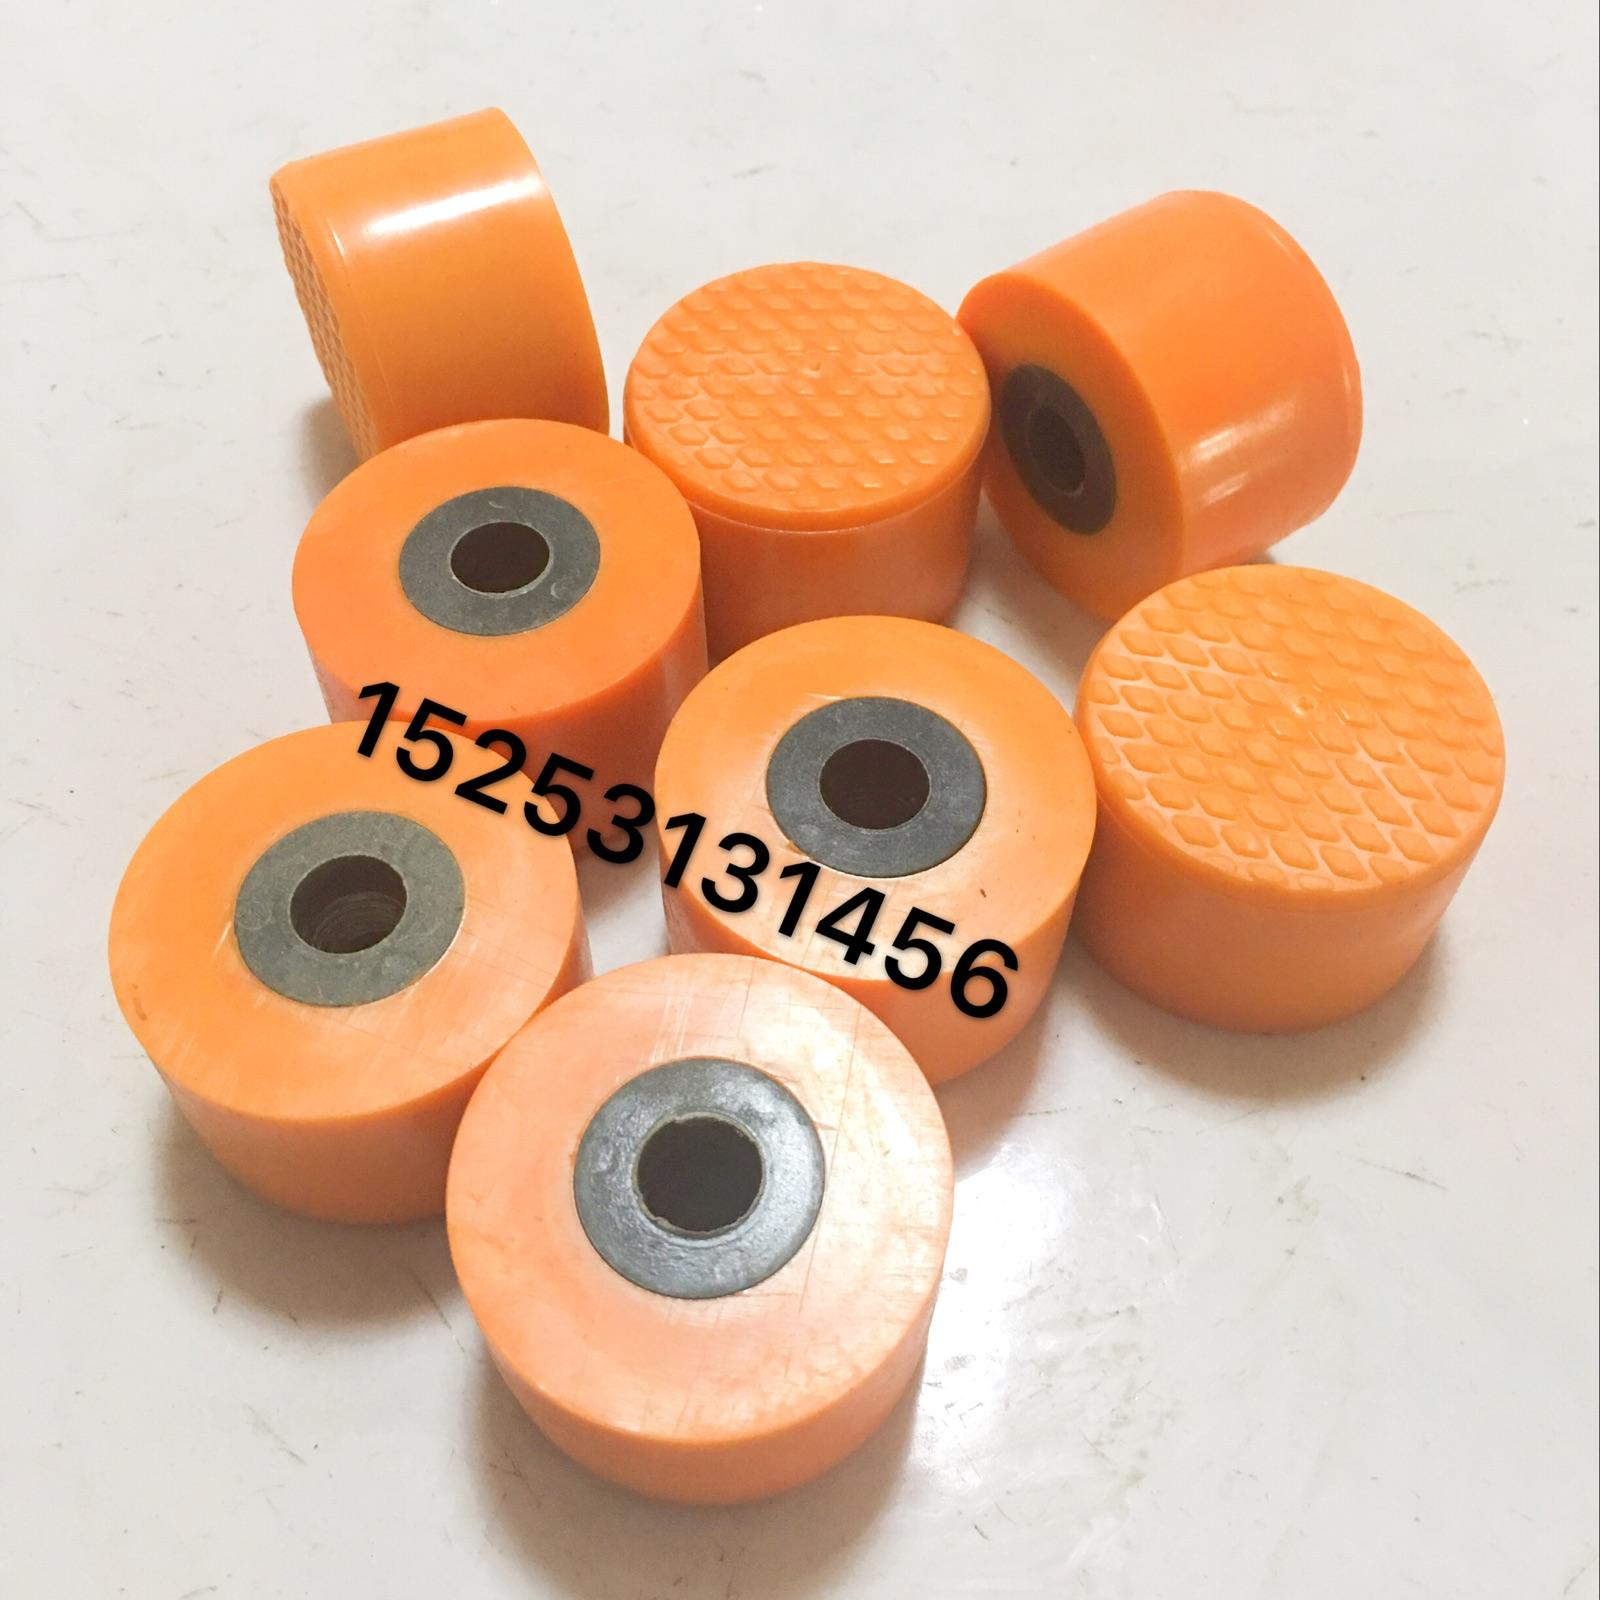 铝合金机器压料气缸M8/10/12皮压头/压料头/皮锤塑钢门窗设备配件